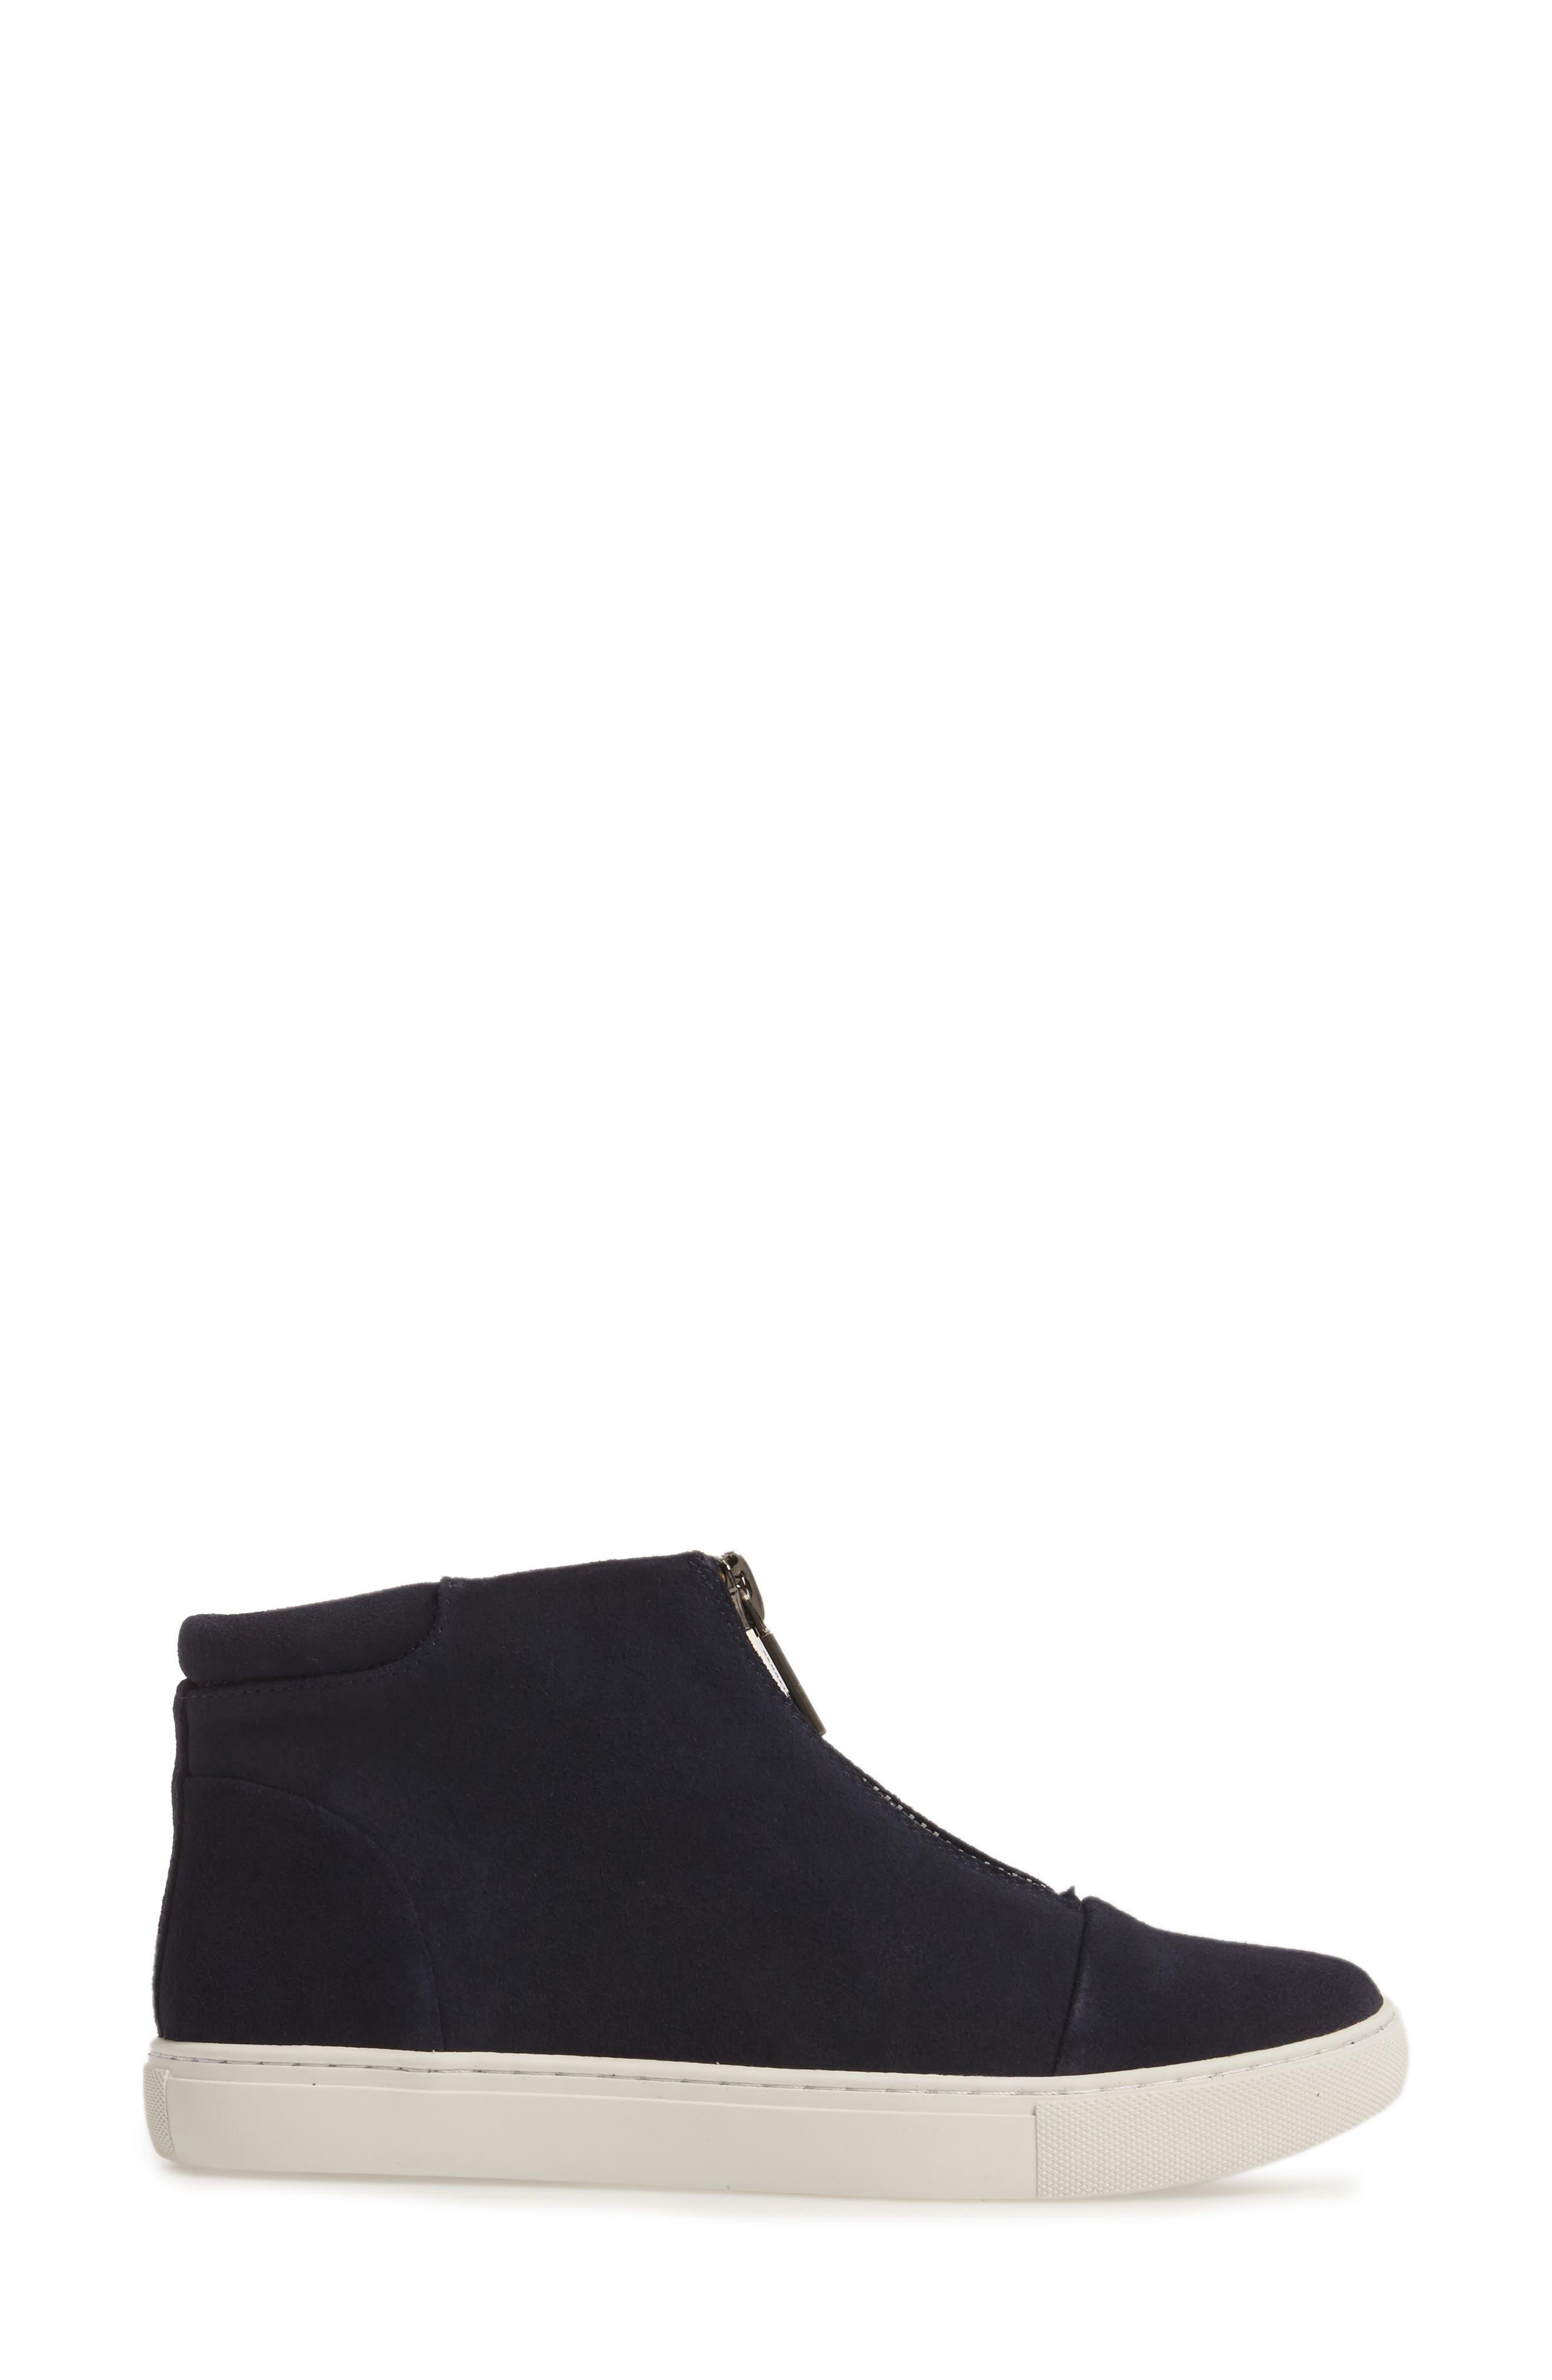 Alternate Image 3  - Kenneth Cole New York Kayla Zip Sneaker (Women)